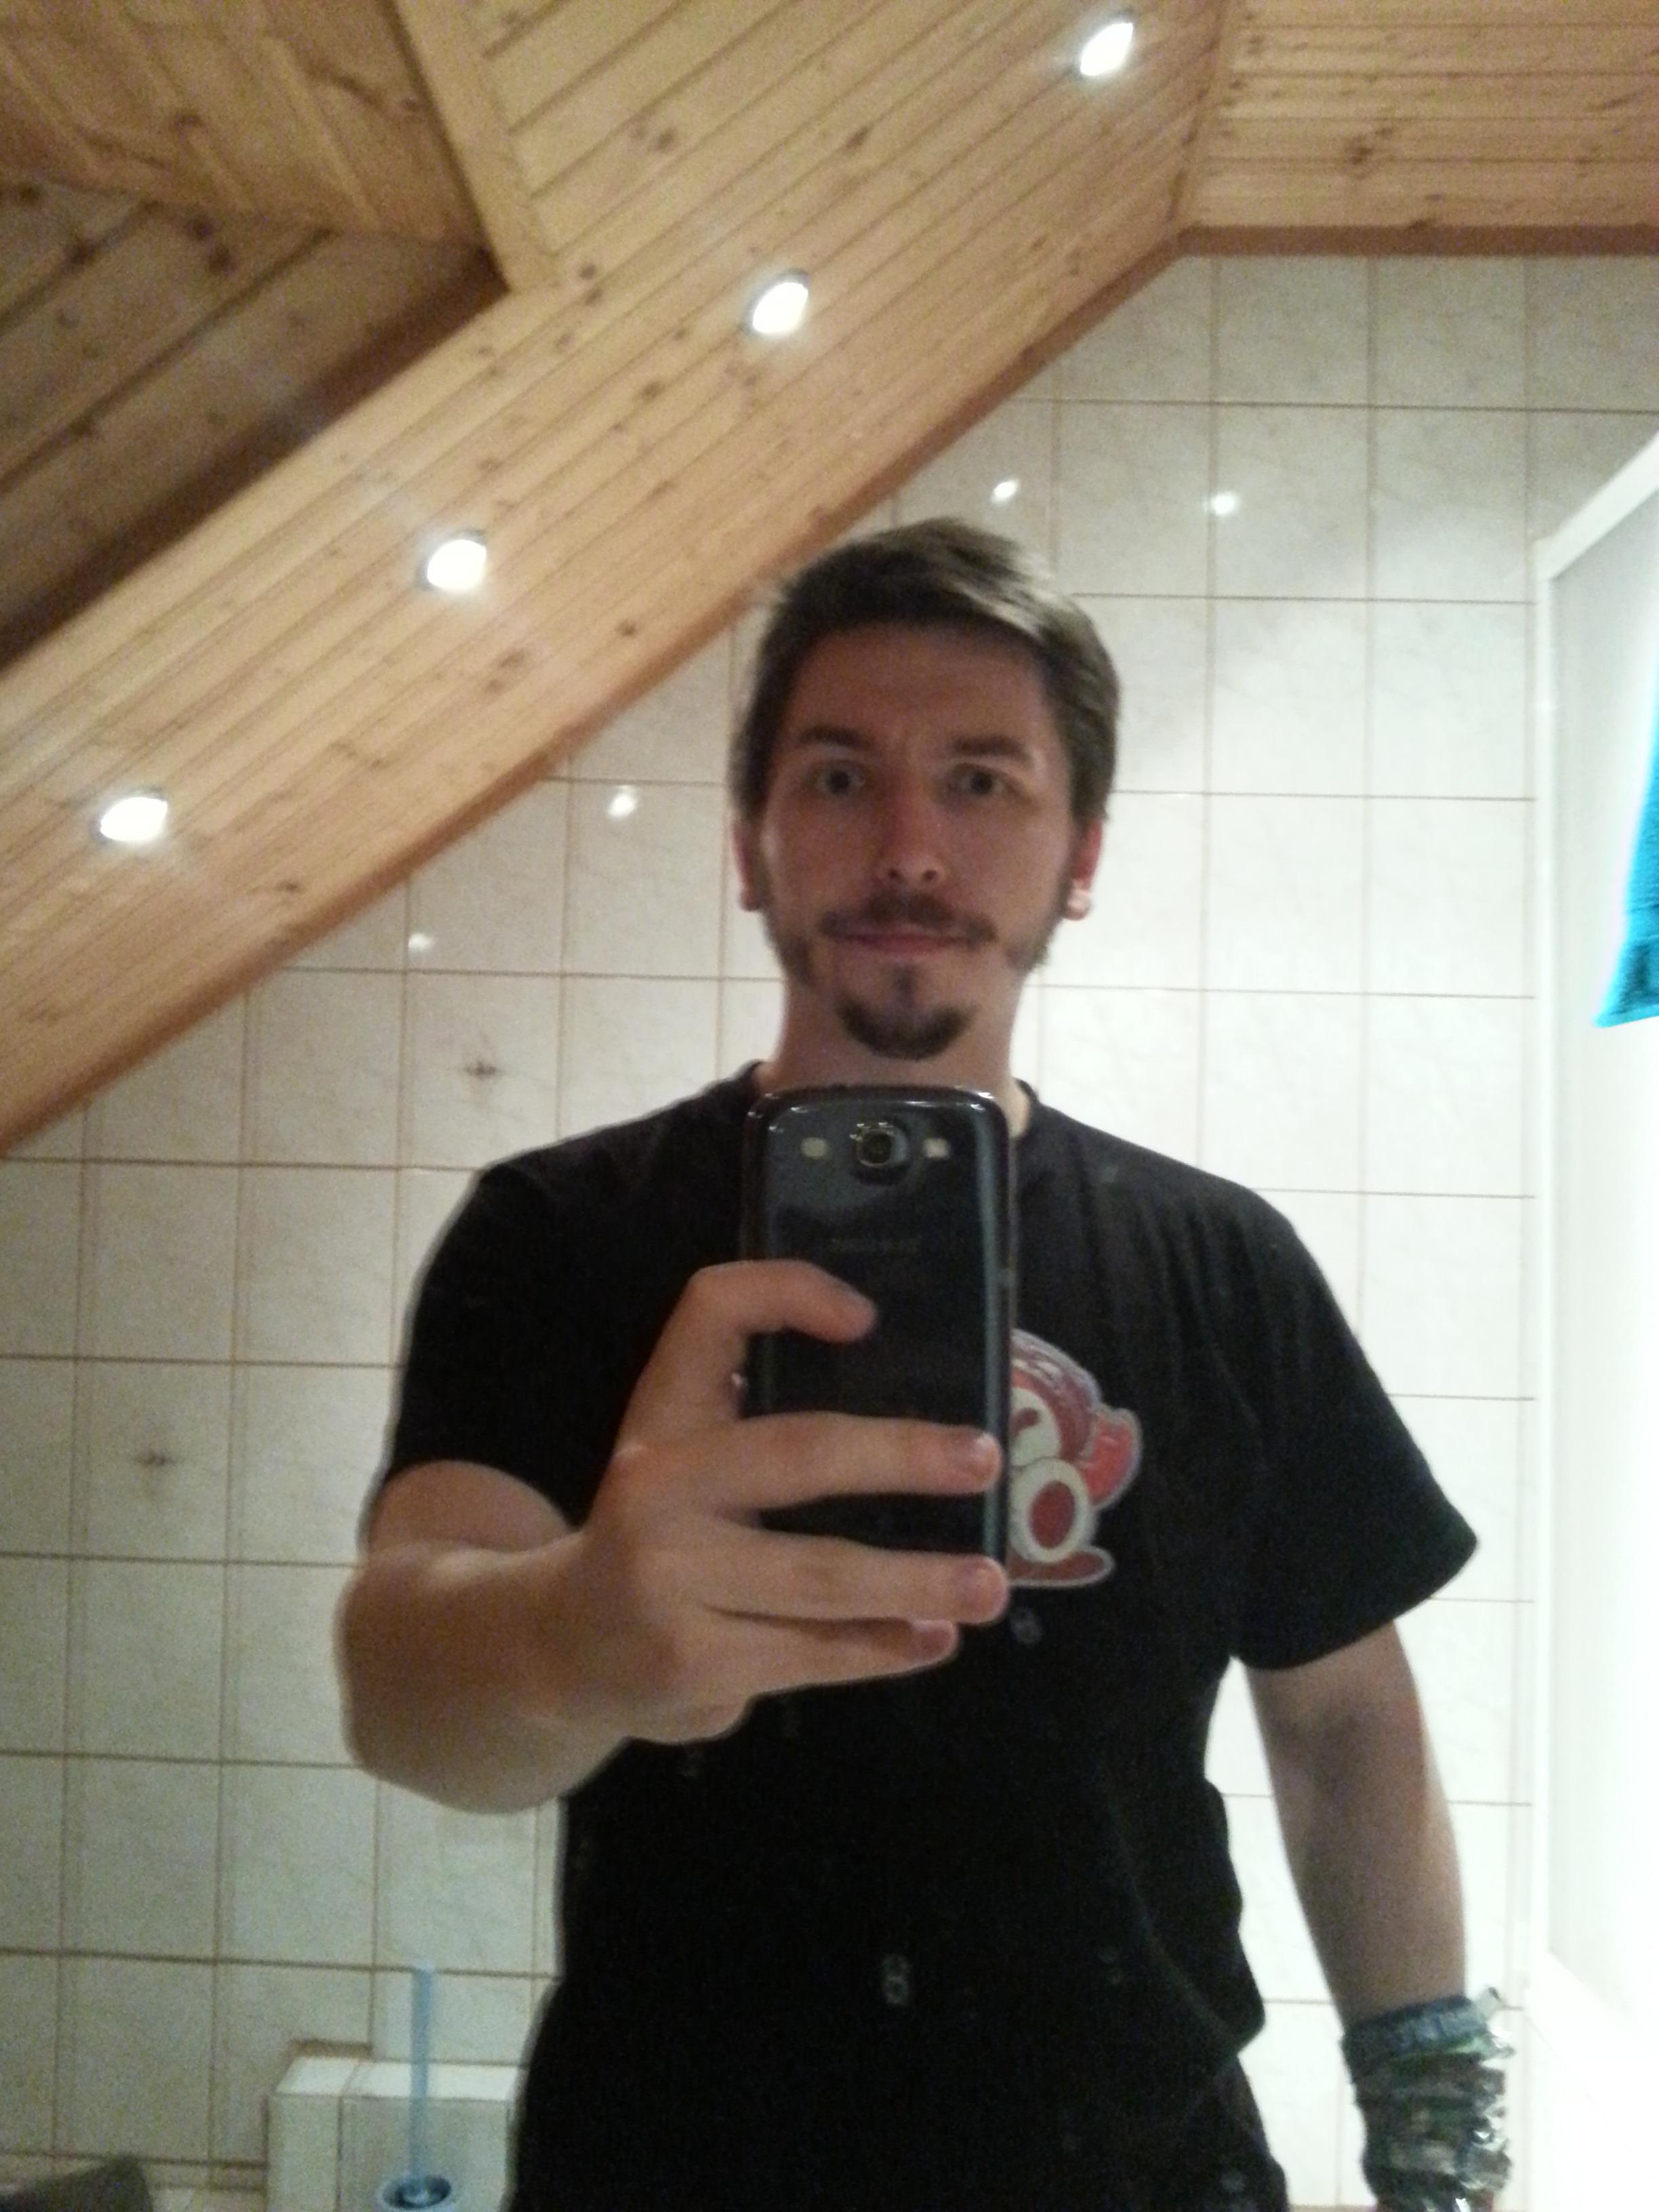 http://abload.de/img/asdasdasdanqumc.jpg